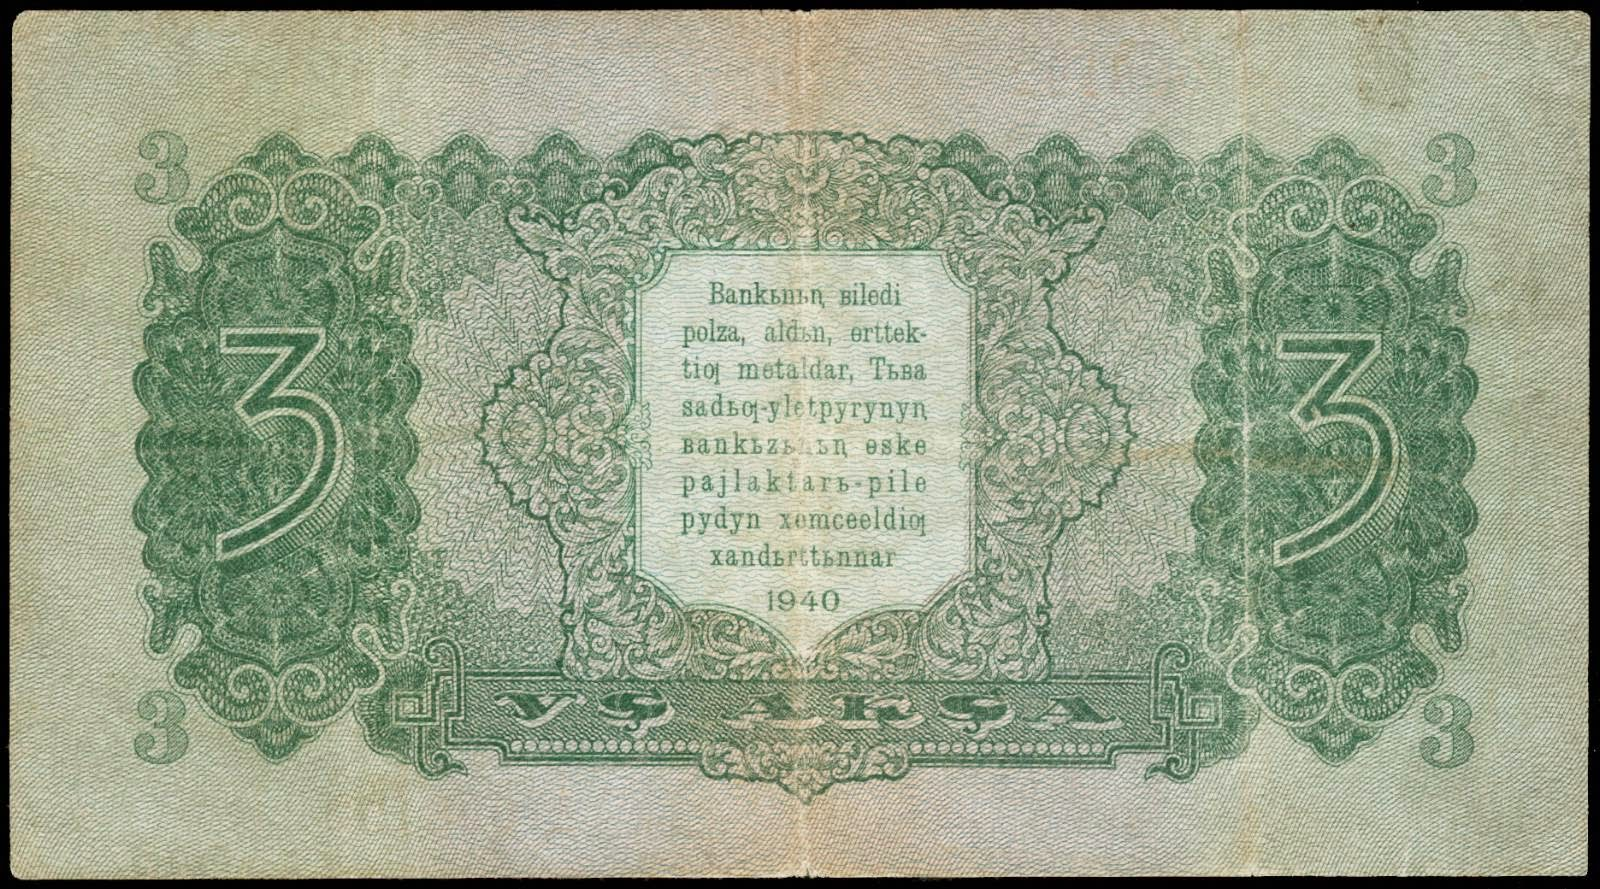 Tannu Tuva paper money 3 Aksha note 1940